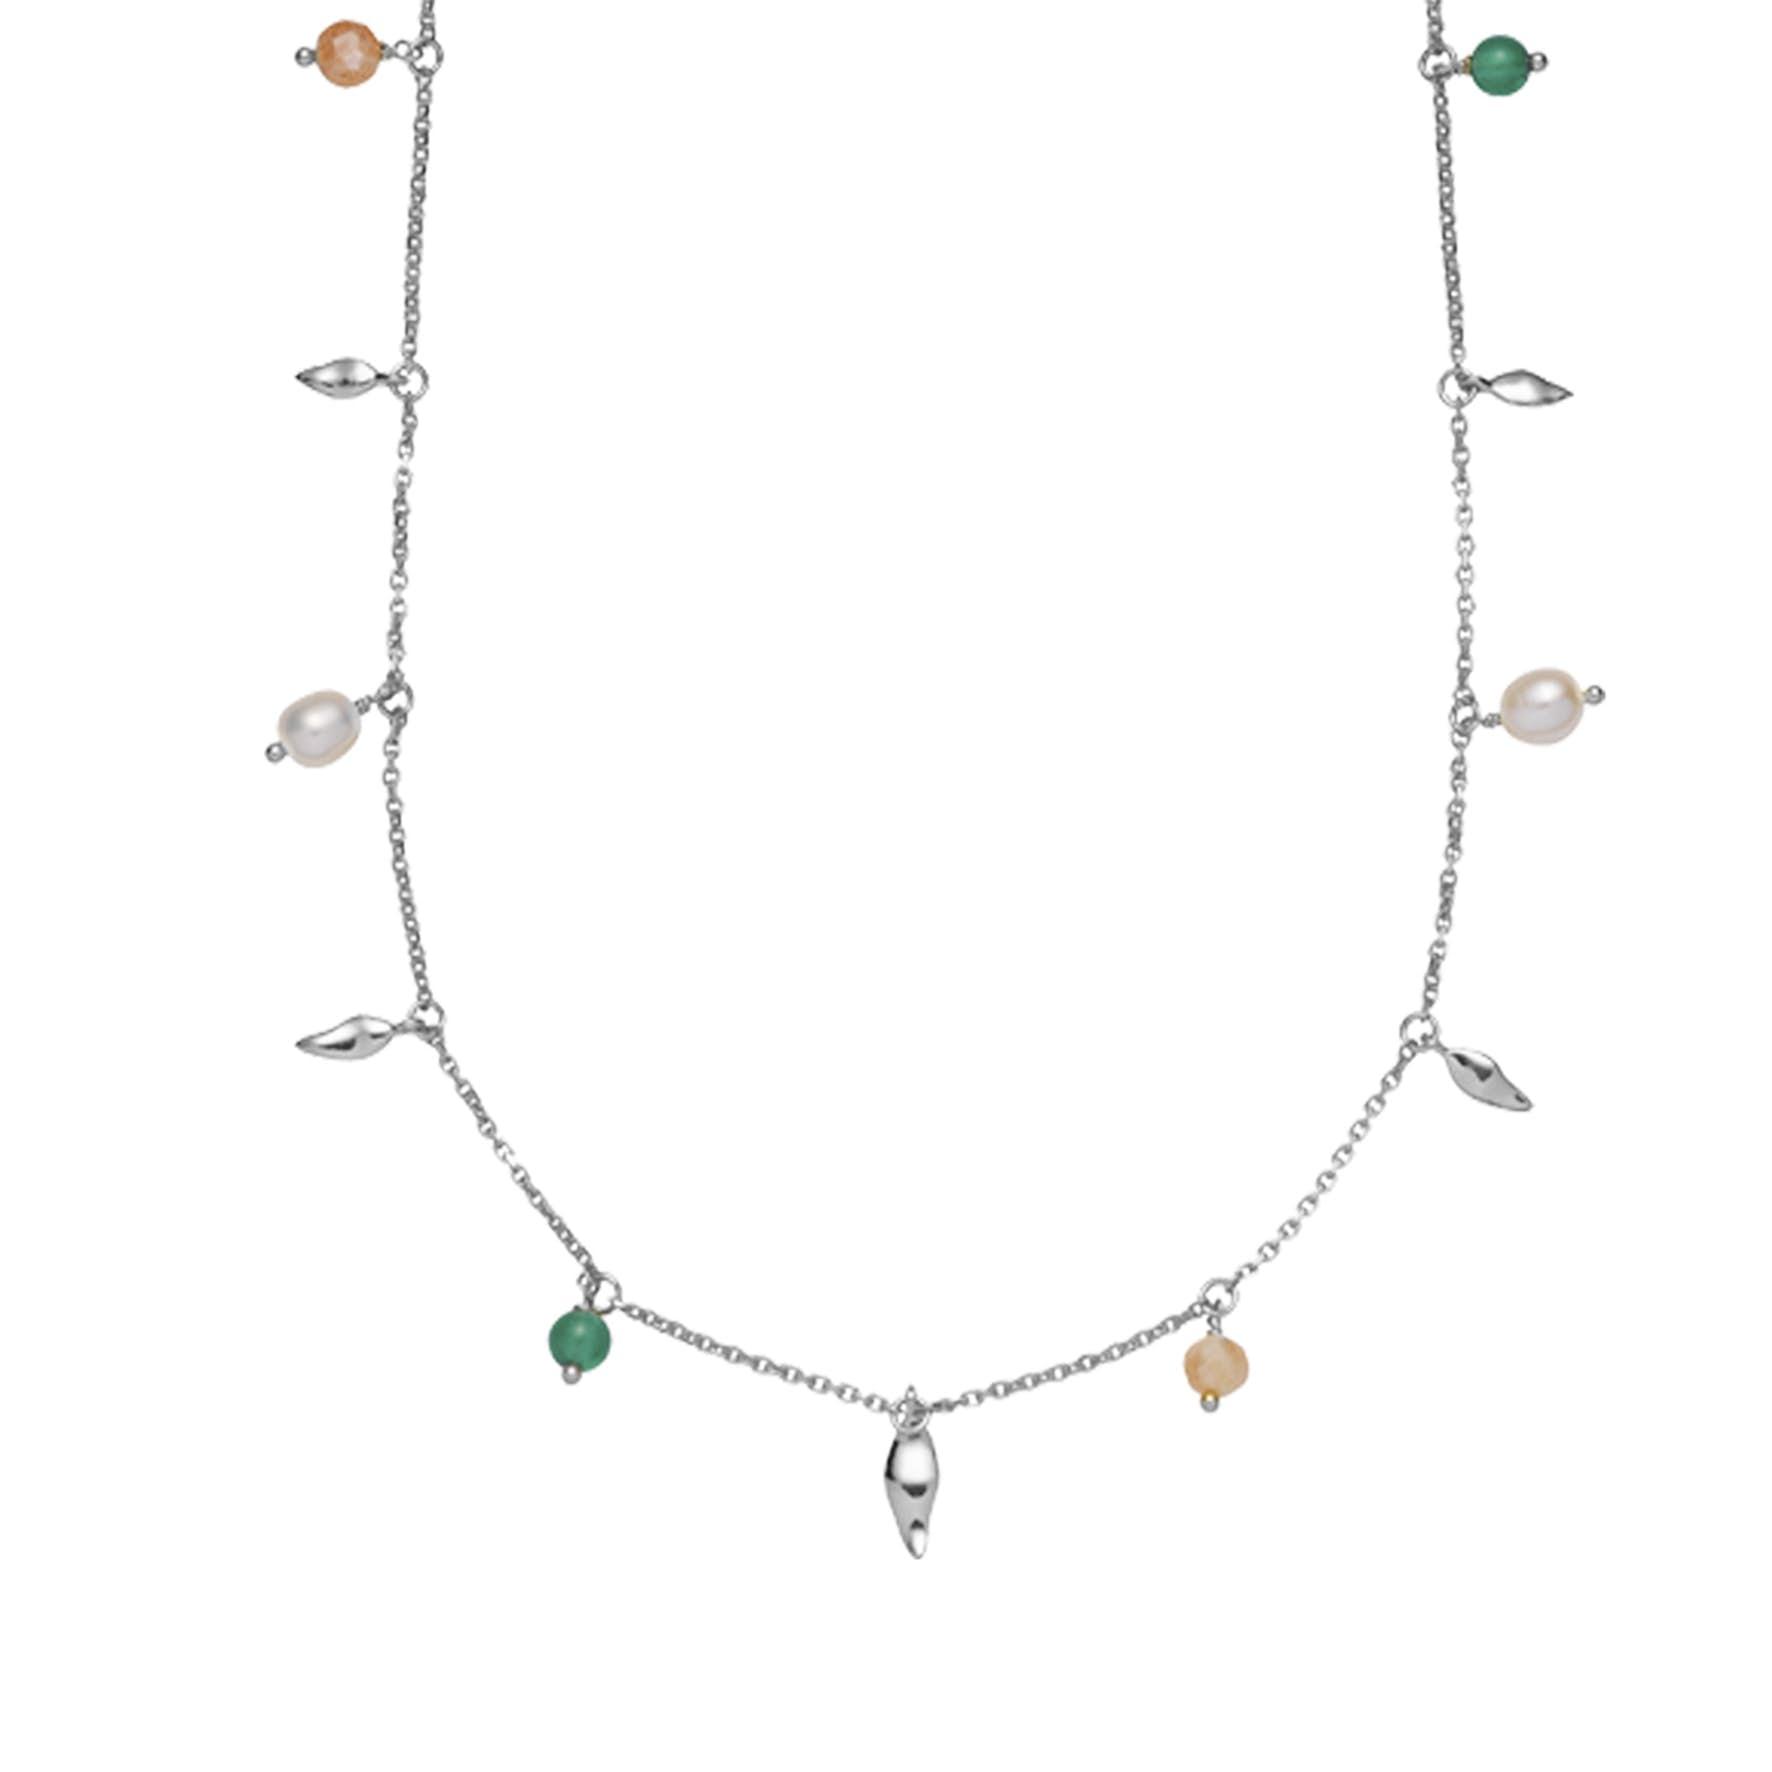 Mia by Sistie Necklace fra Sistie i Sølv Sterling 925